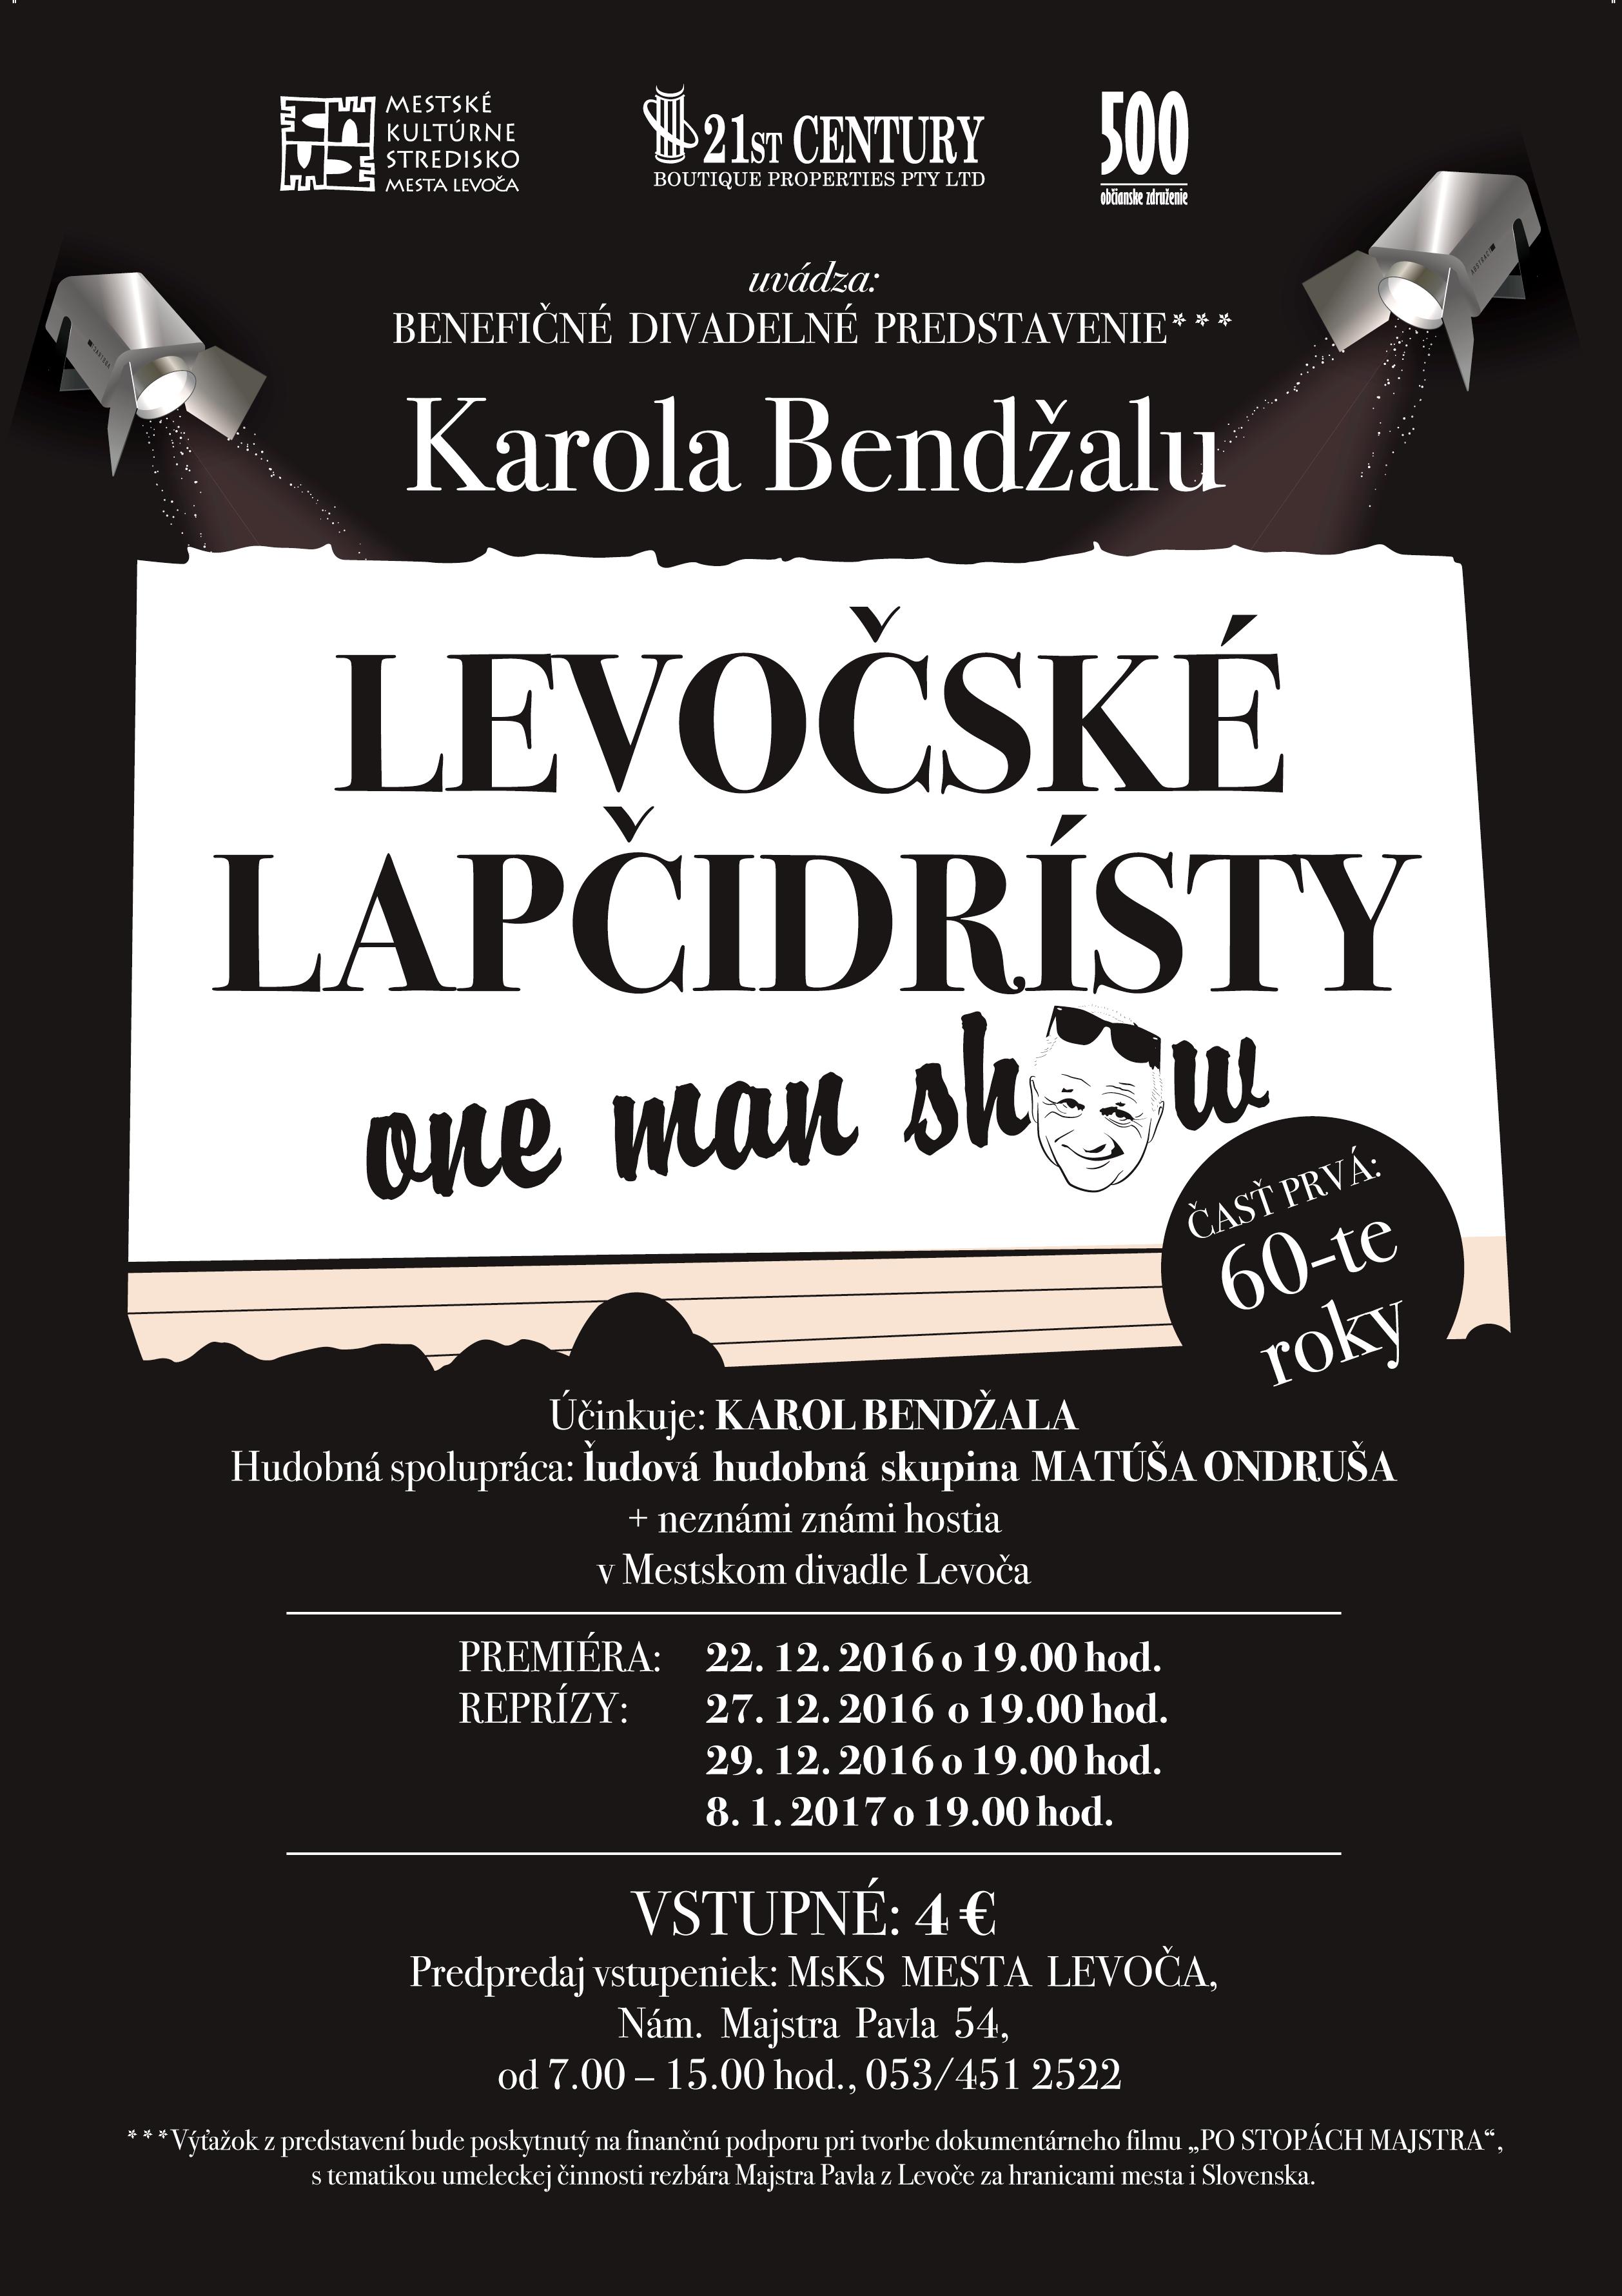 levocske_lapcidristy_a4